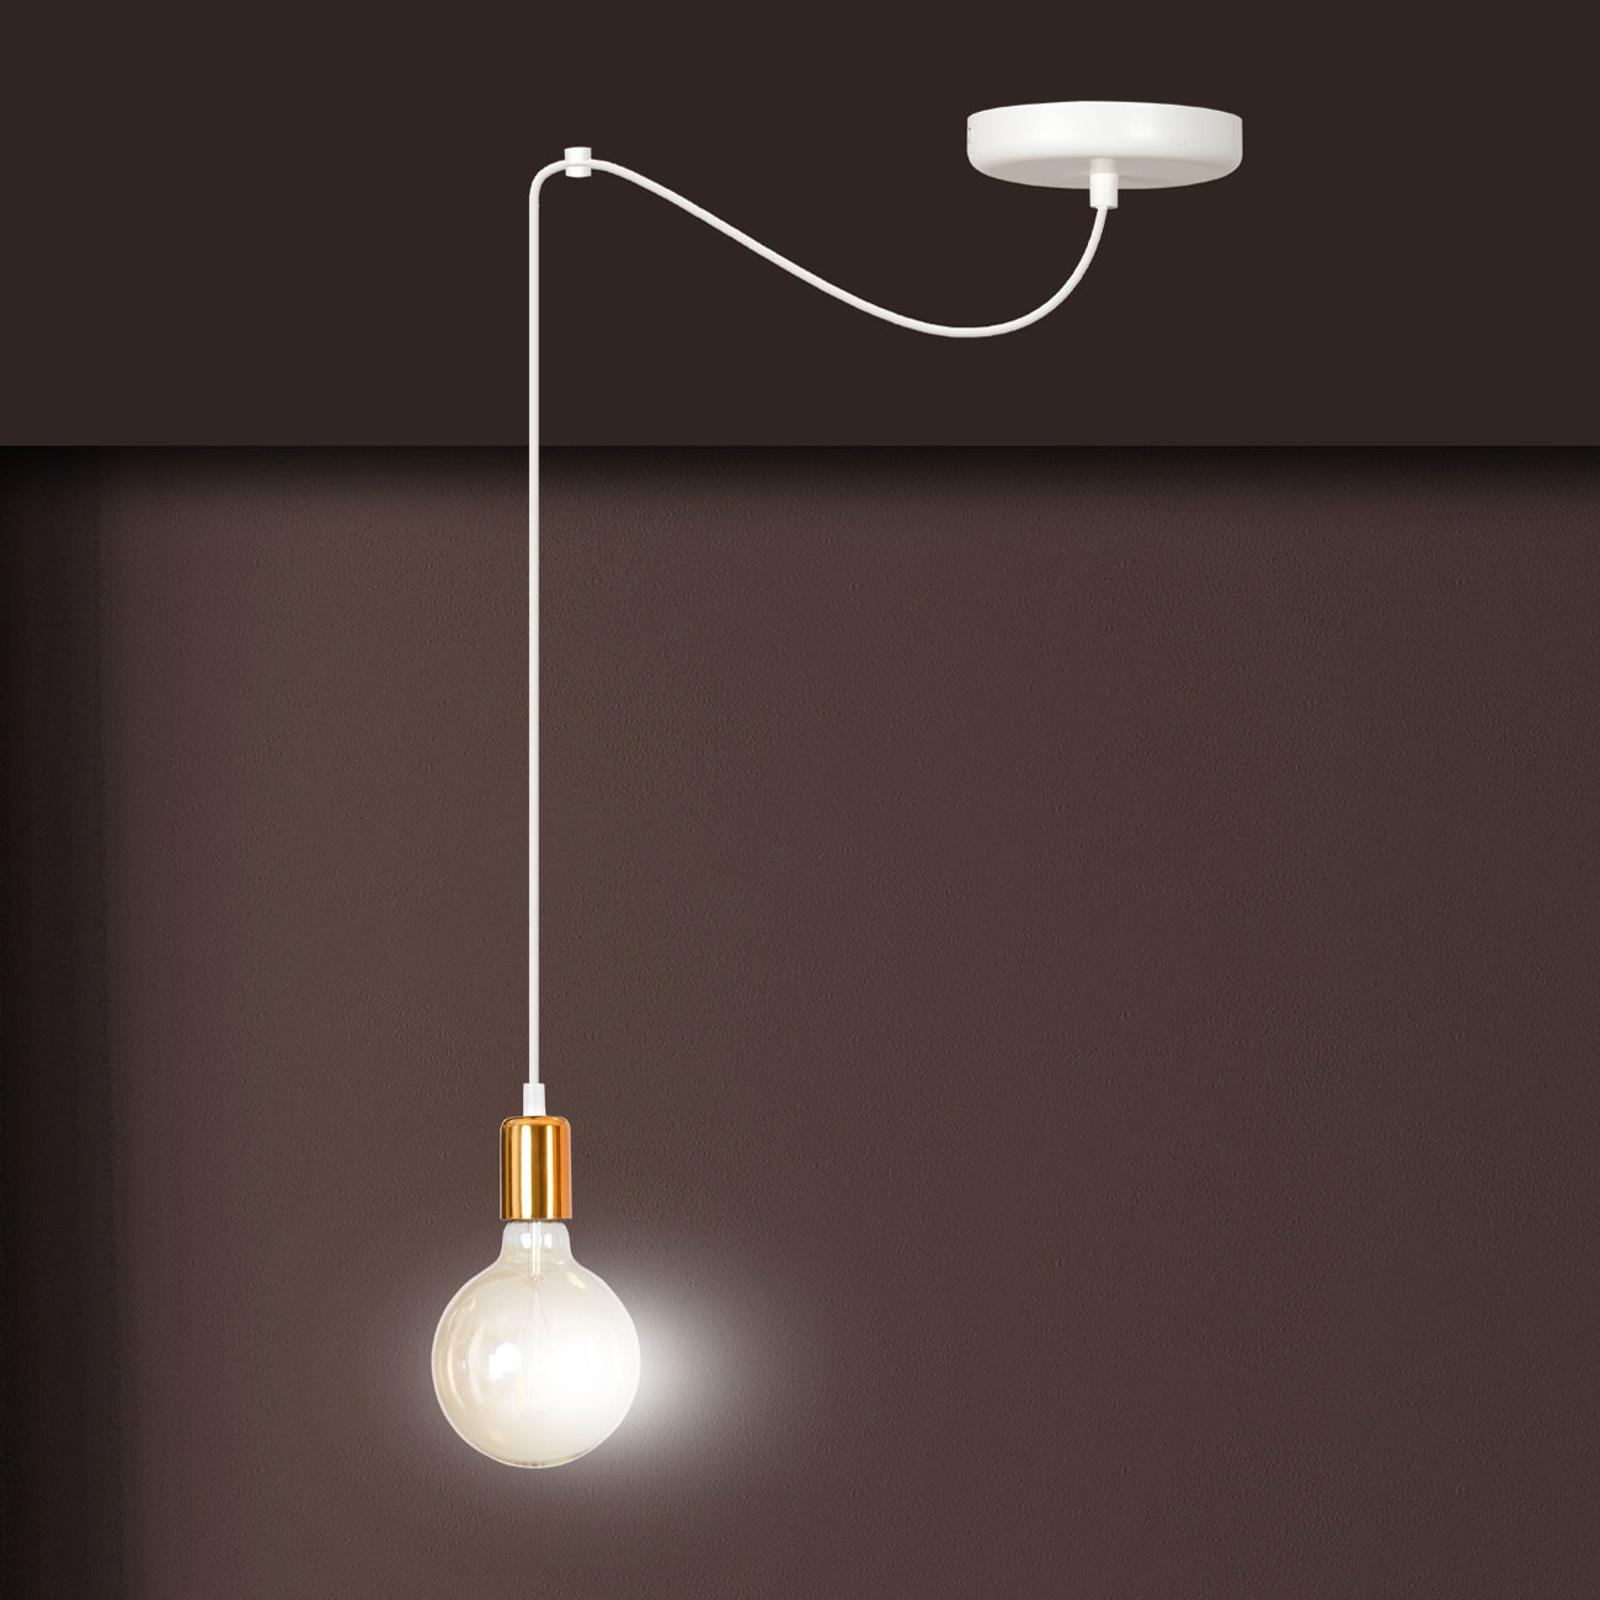 Lampa wisząca Spark 1 1-pkt. biało-miedziana